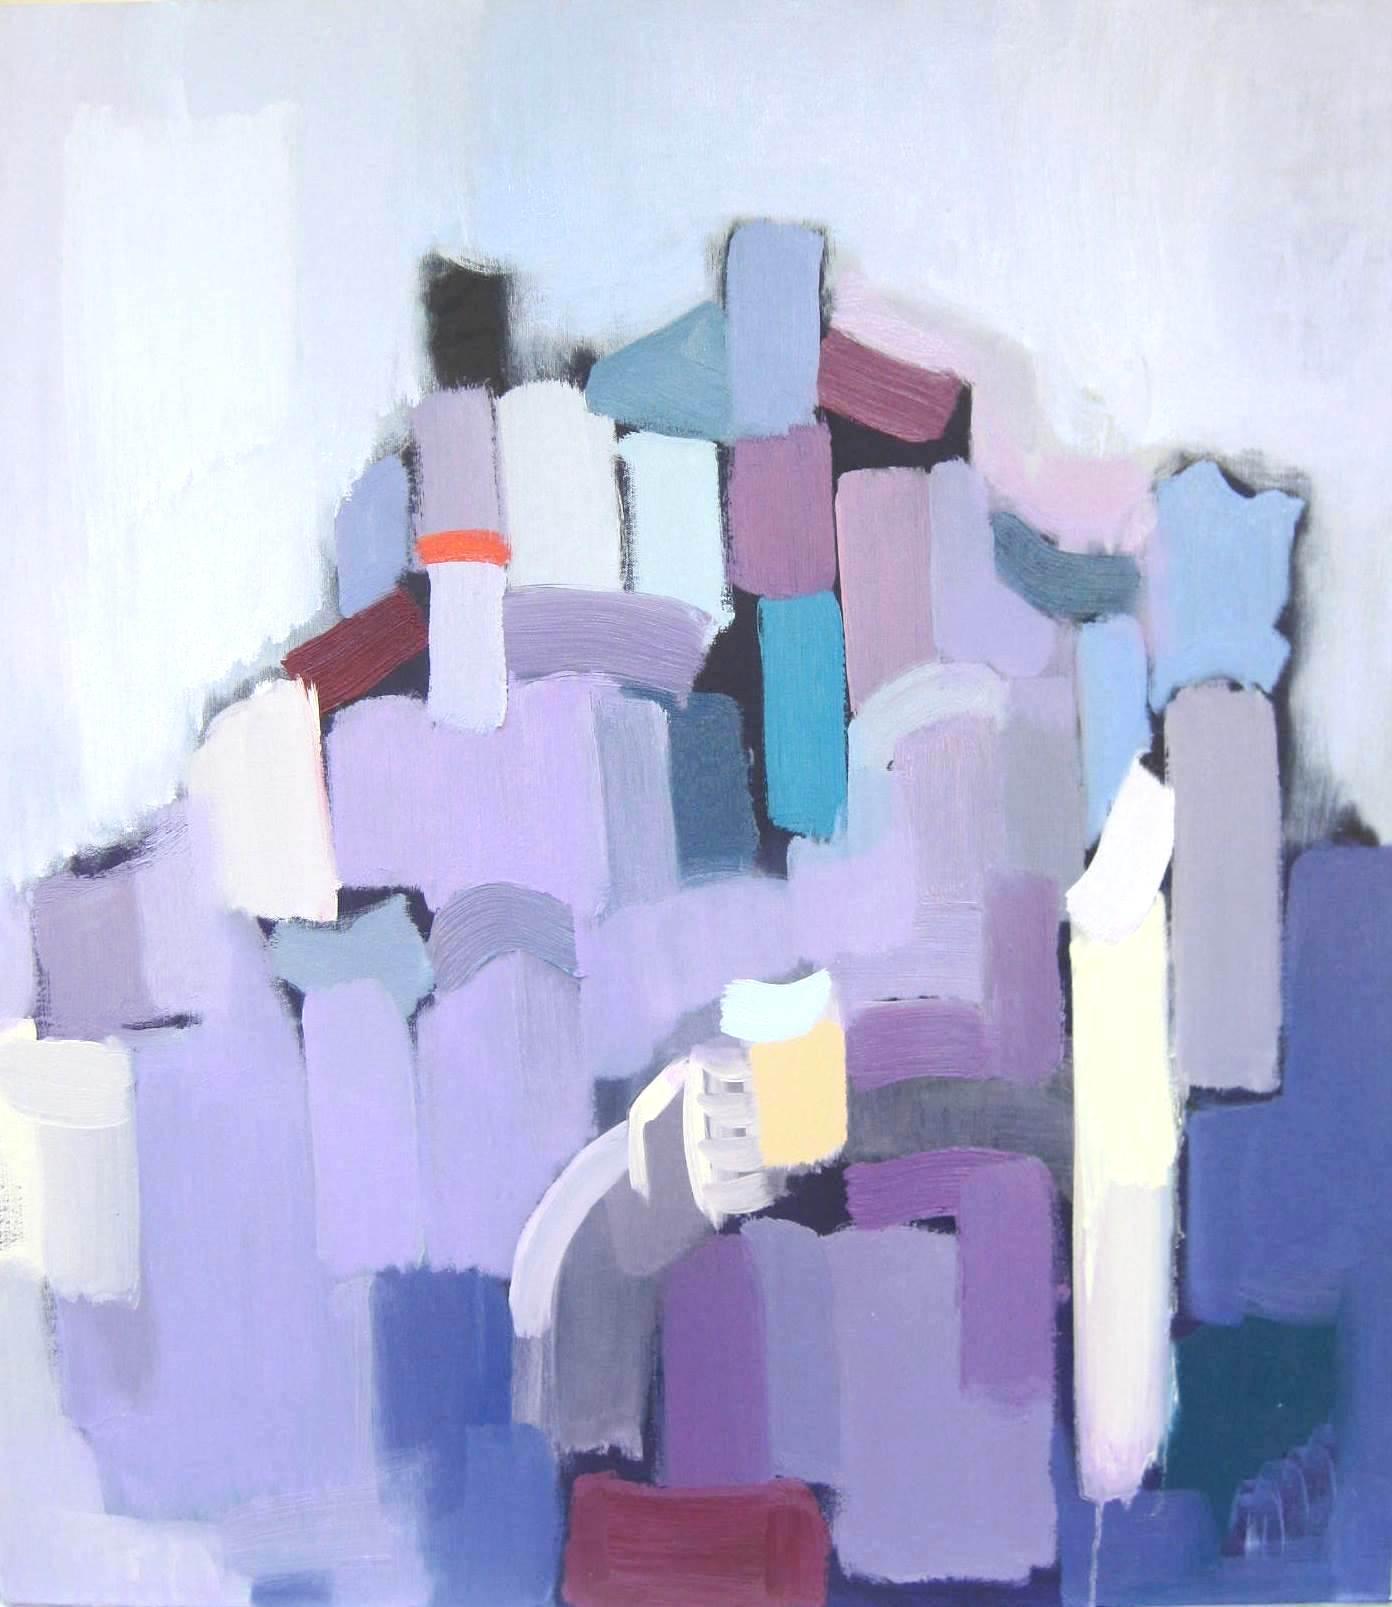 Krajolik, 2014., ulje naplatnu, 90x80 cm